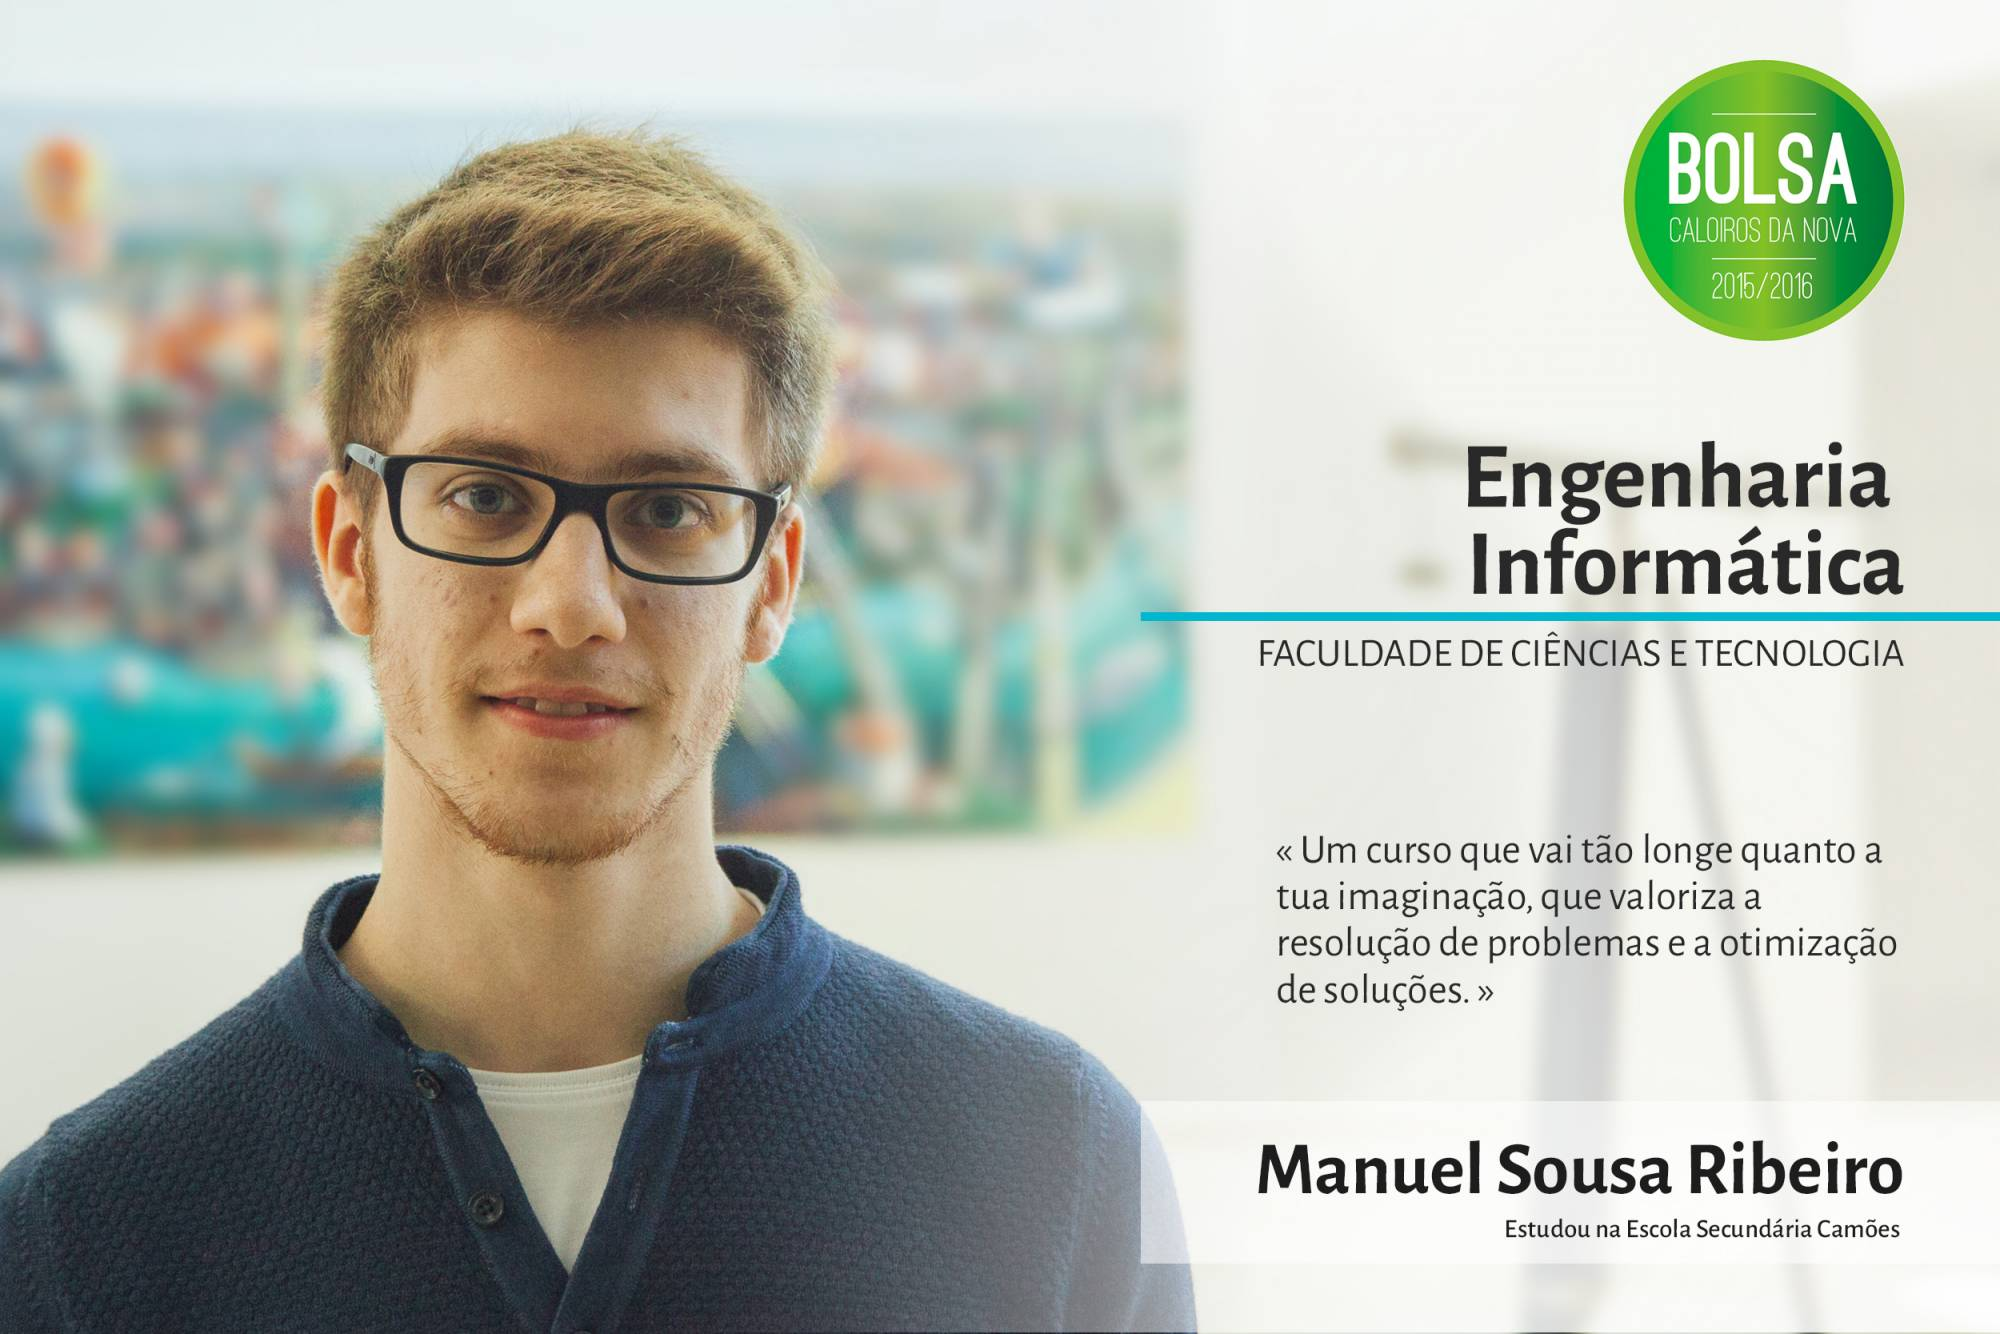 Manuel Sousa Ribeiro, Faculdade de Ciências e Tecnologia da NOVA